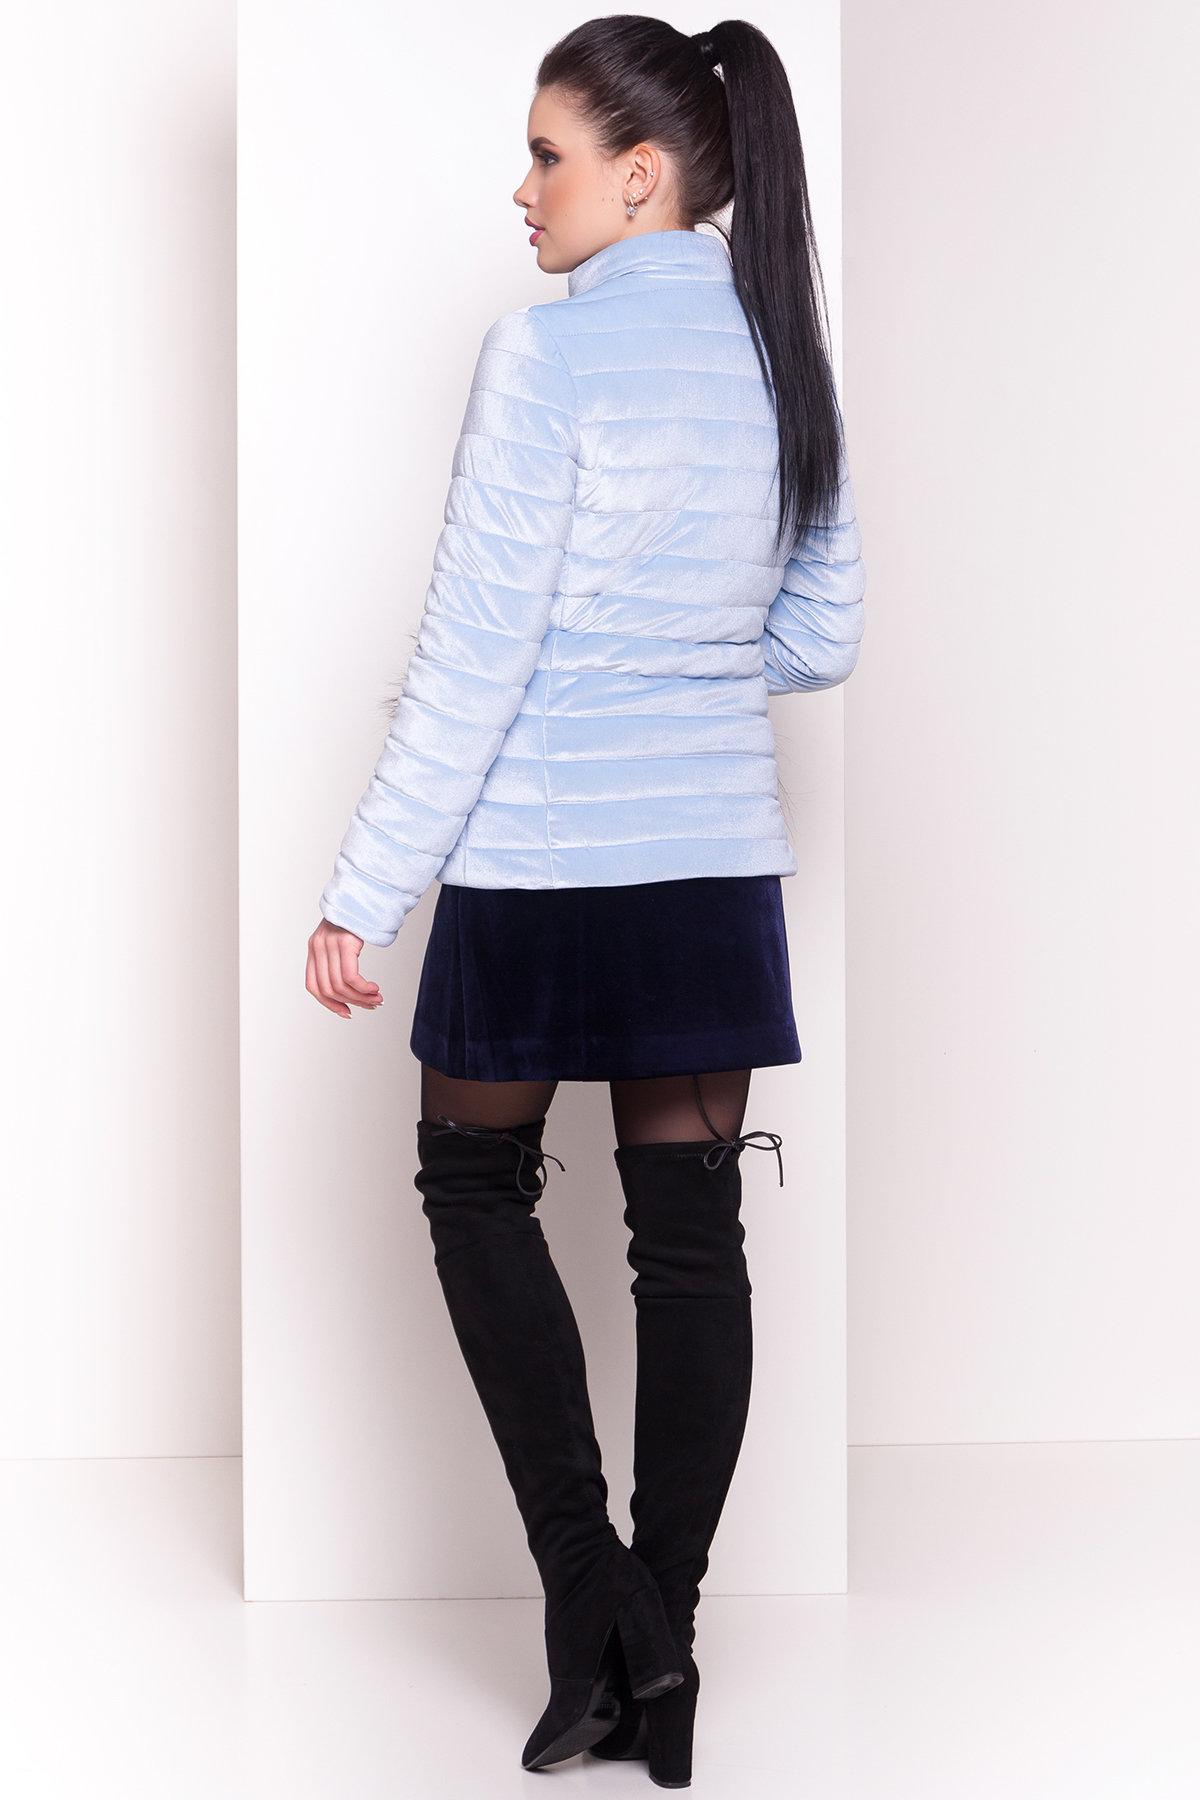 Куртка с мехом на карманах Дезире 4452 АРТ. 21968 Цвет: Голубой - фото 8, интернет магазин tm-modus.ru